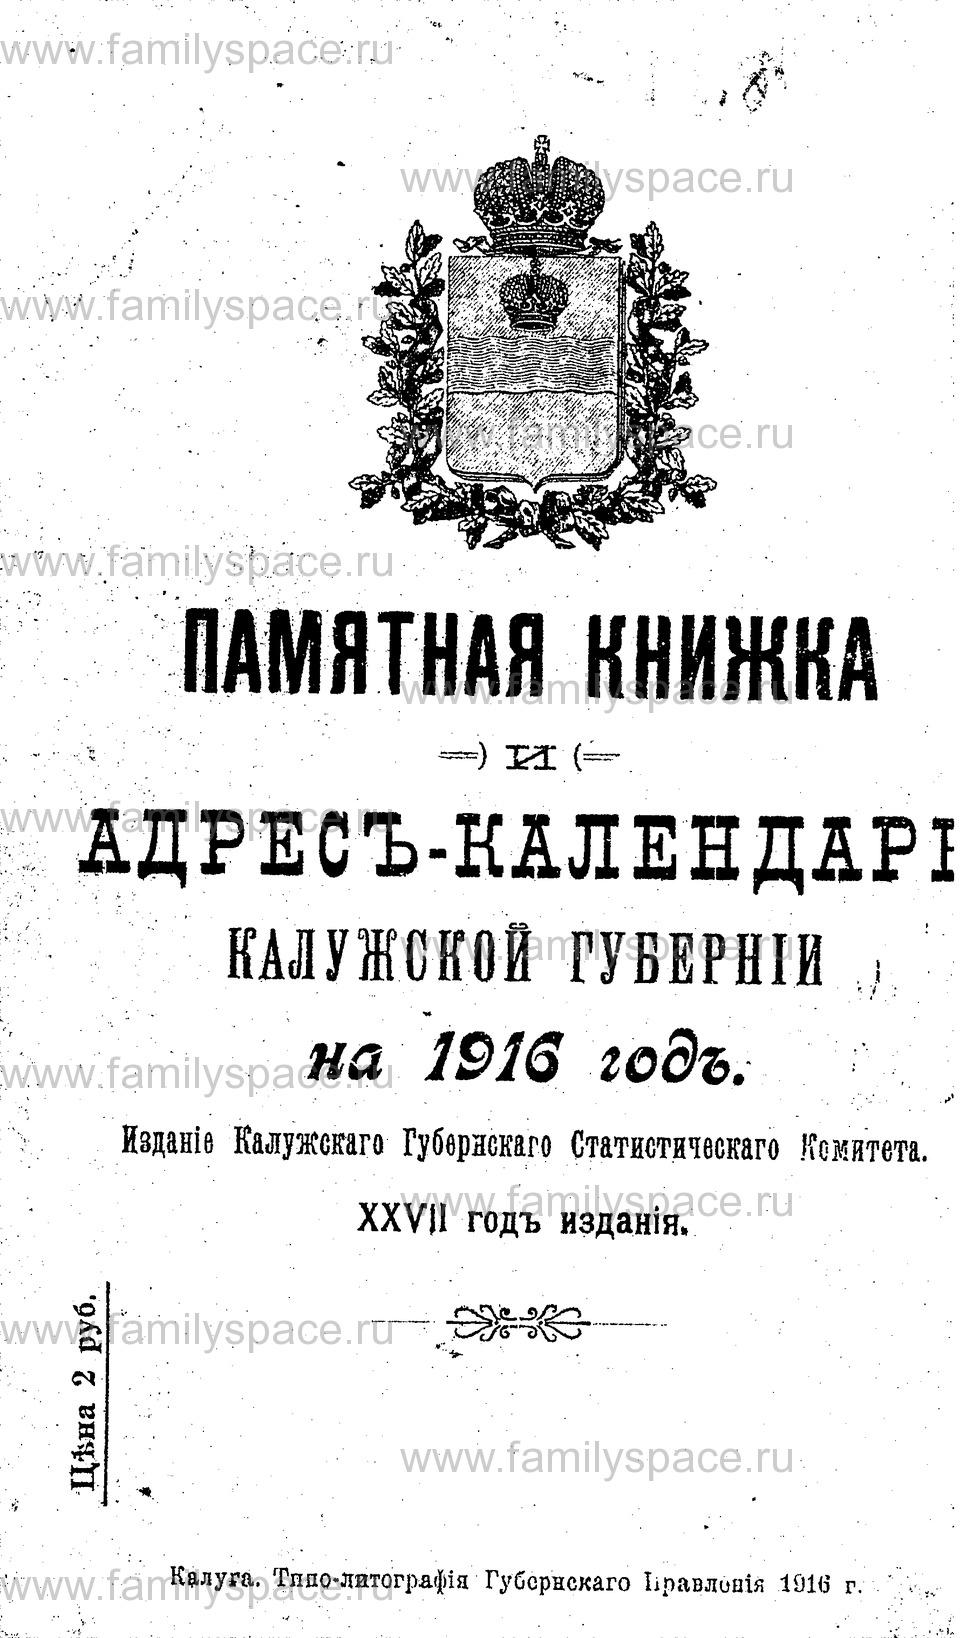 Поиск по фамилии - Памятная книжка и адрес-календарь Калужской губернии на 1916 г, страница 1